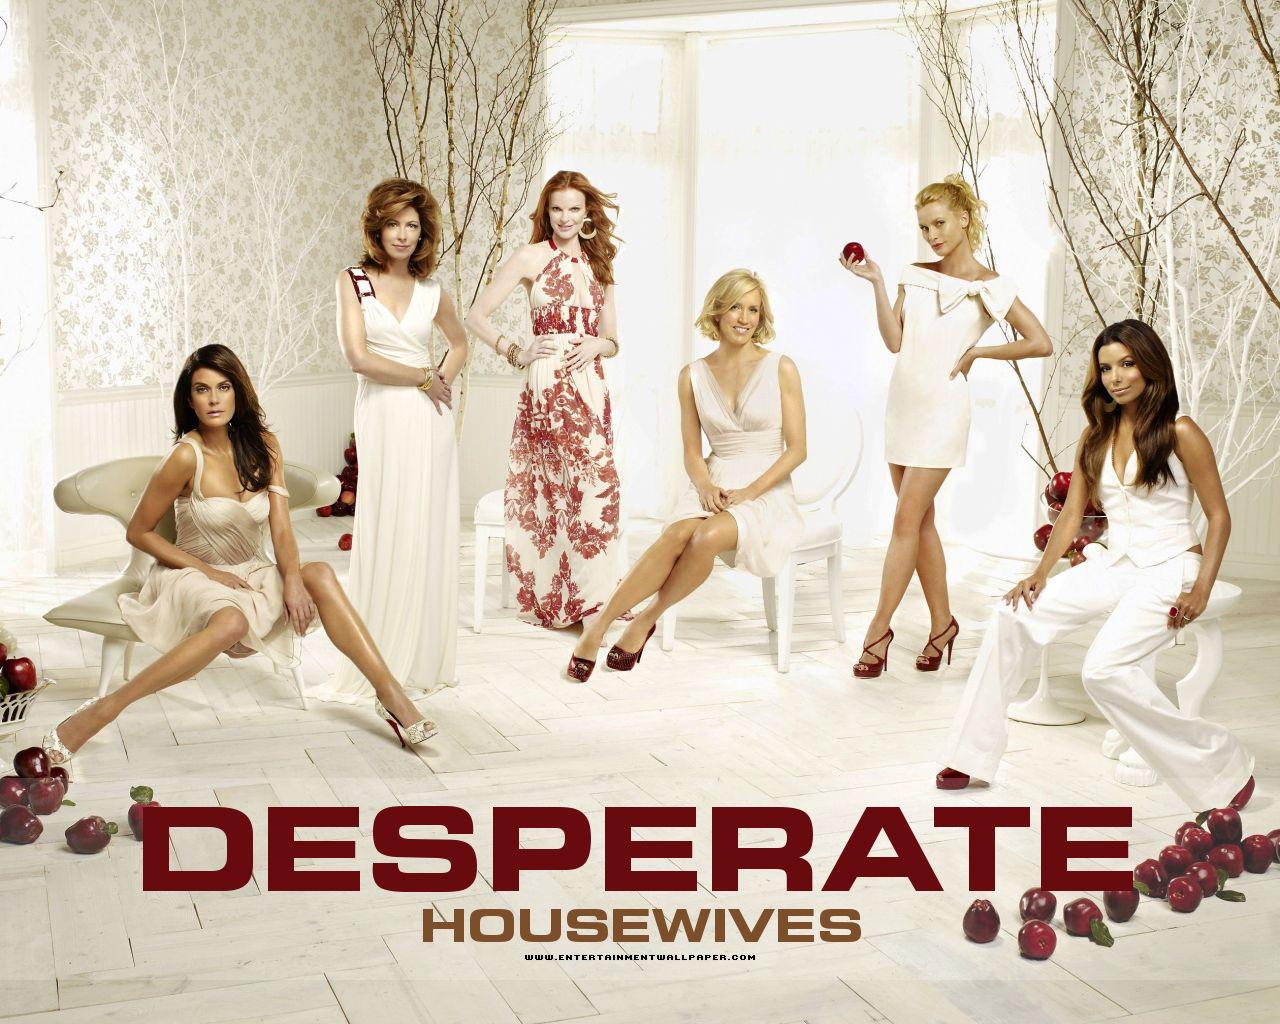 主婦 挿入 無修正 本季看点:《绝望主妇》(Desperate Housewives)中住在紫藤街上的主妇 们,刚刚经历了一场惨绝人寰的空难事件,有人因此而丧生,有人则失去了自己的挚爱亲人。